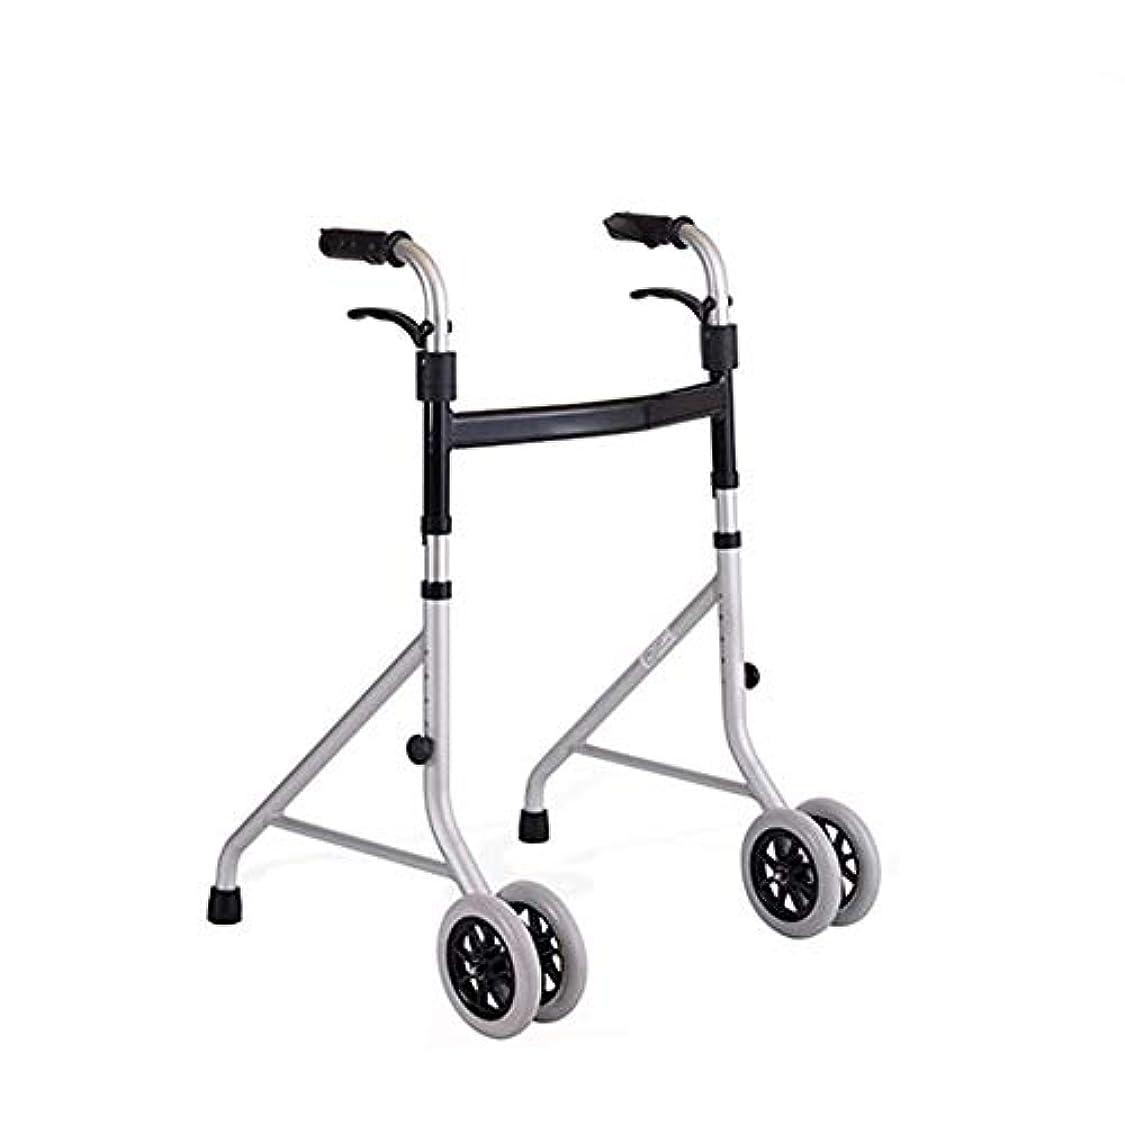 棚ディスコ電気的折りたたみ式軽量アルミニウム歩行フレーム/ジマー/ 4車輪付き歩行器-高さ調節可能 (Color : Gray)